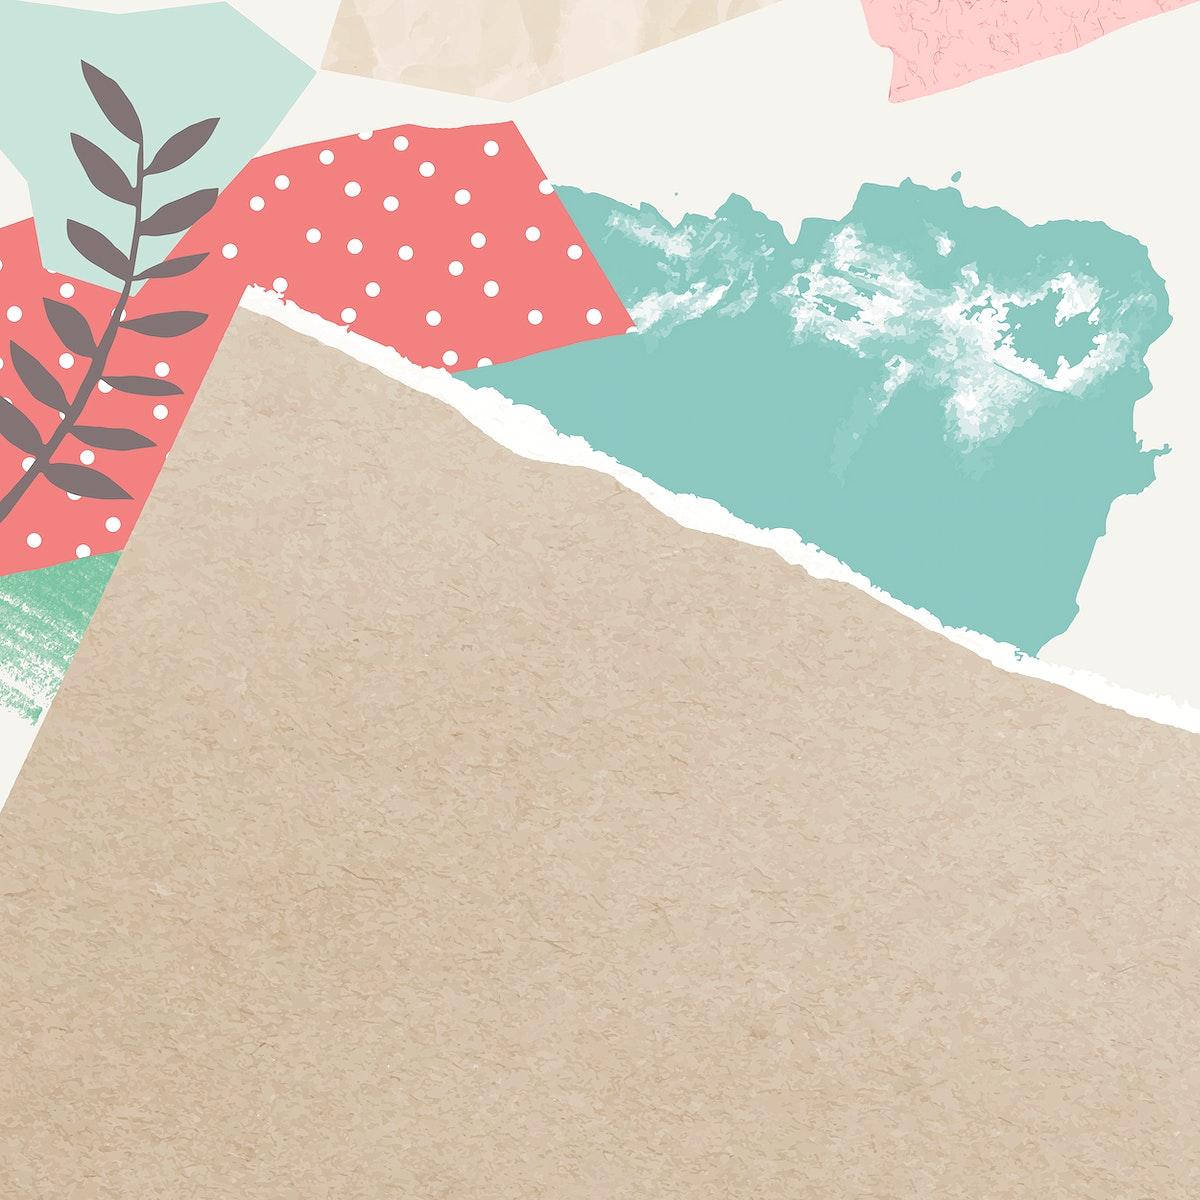 Vintage leaves background design vector